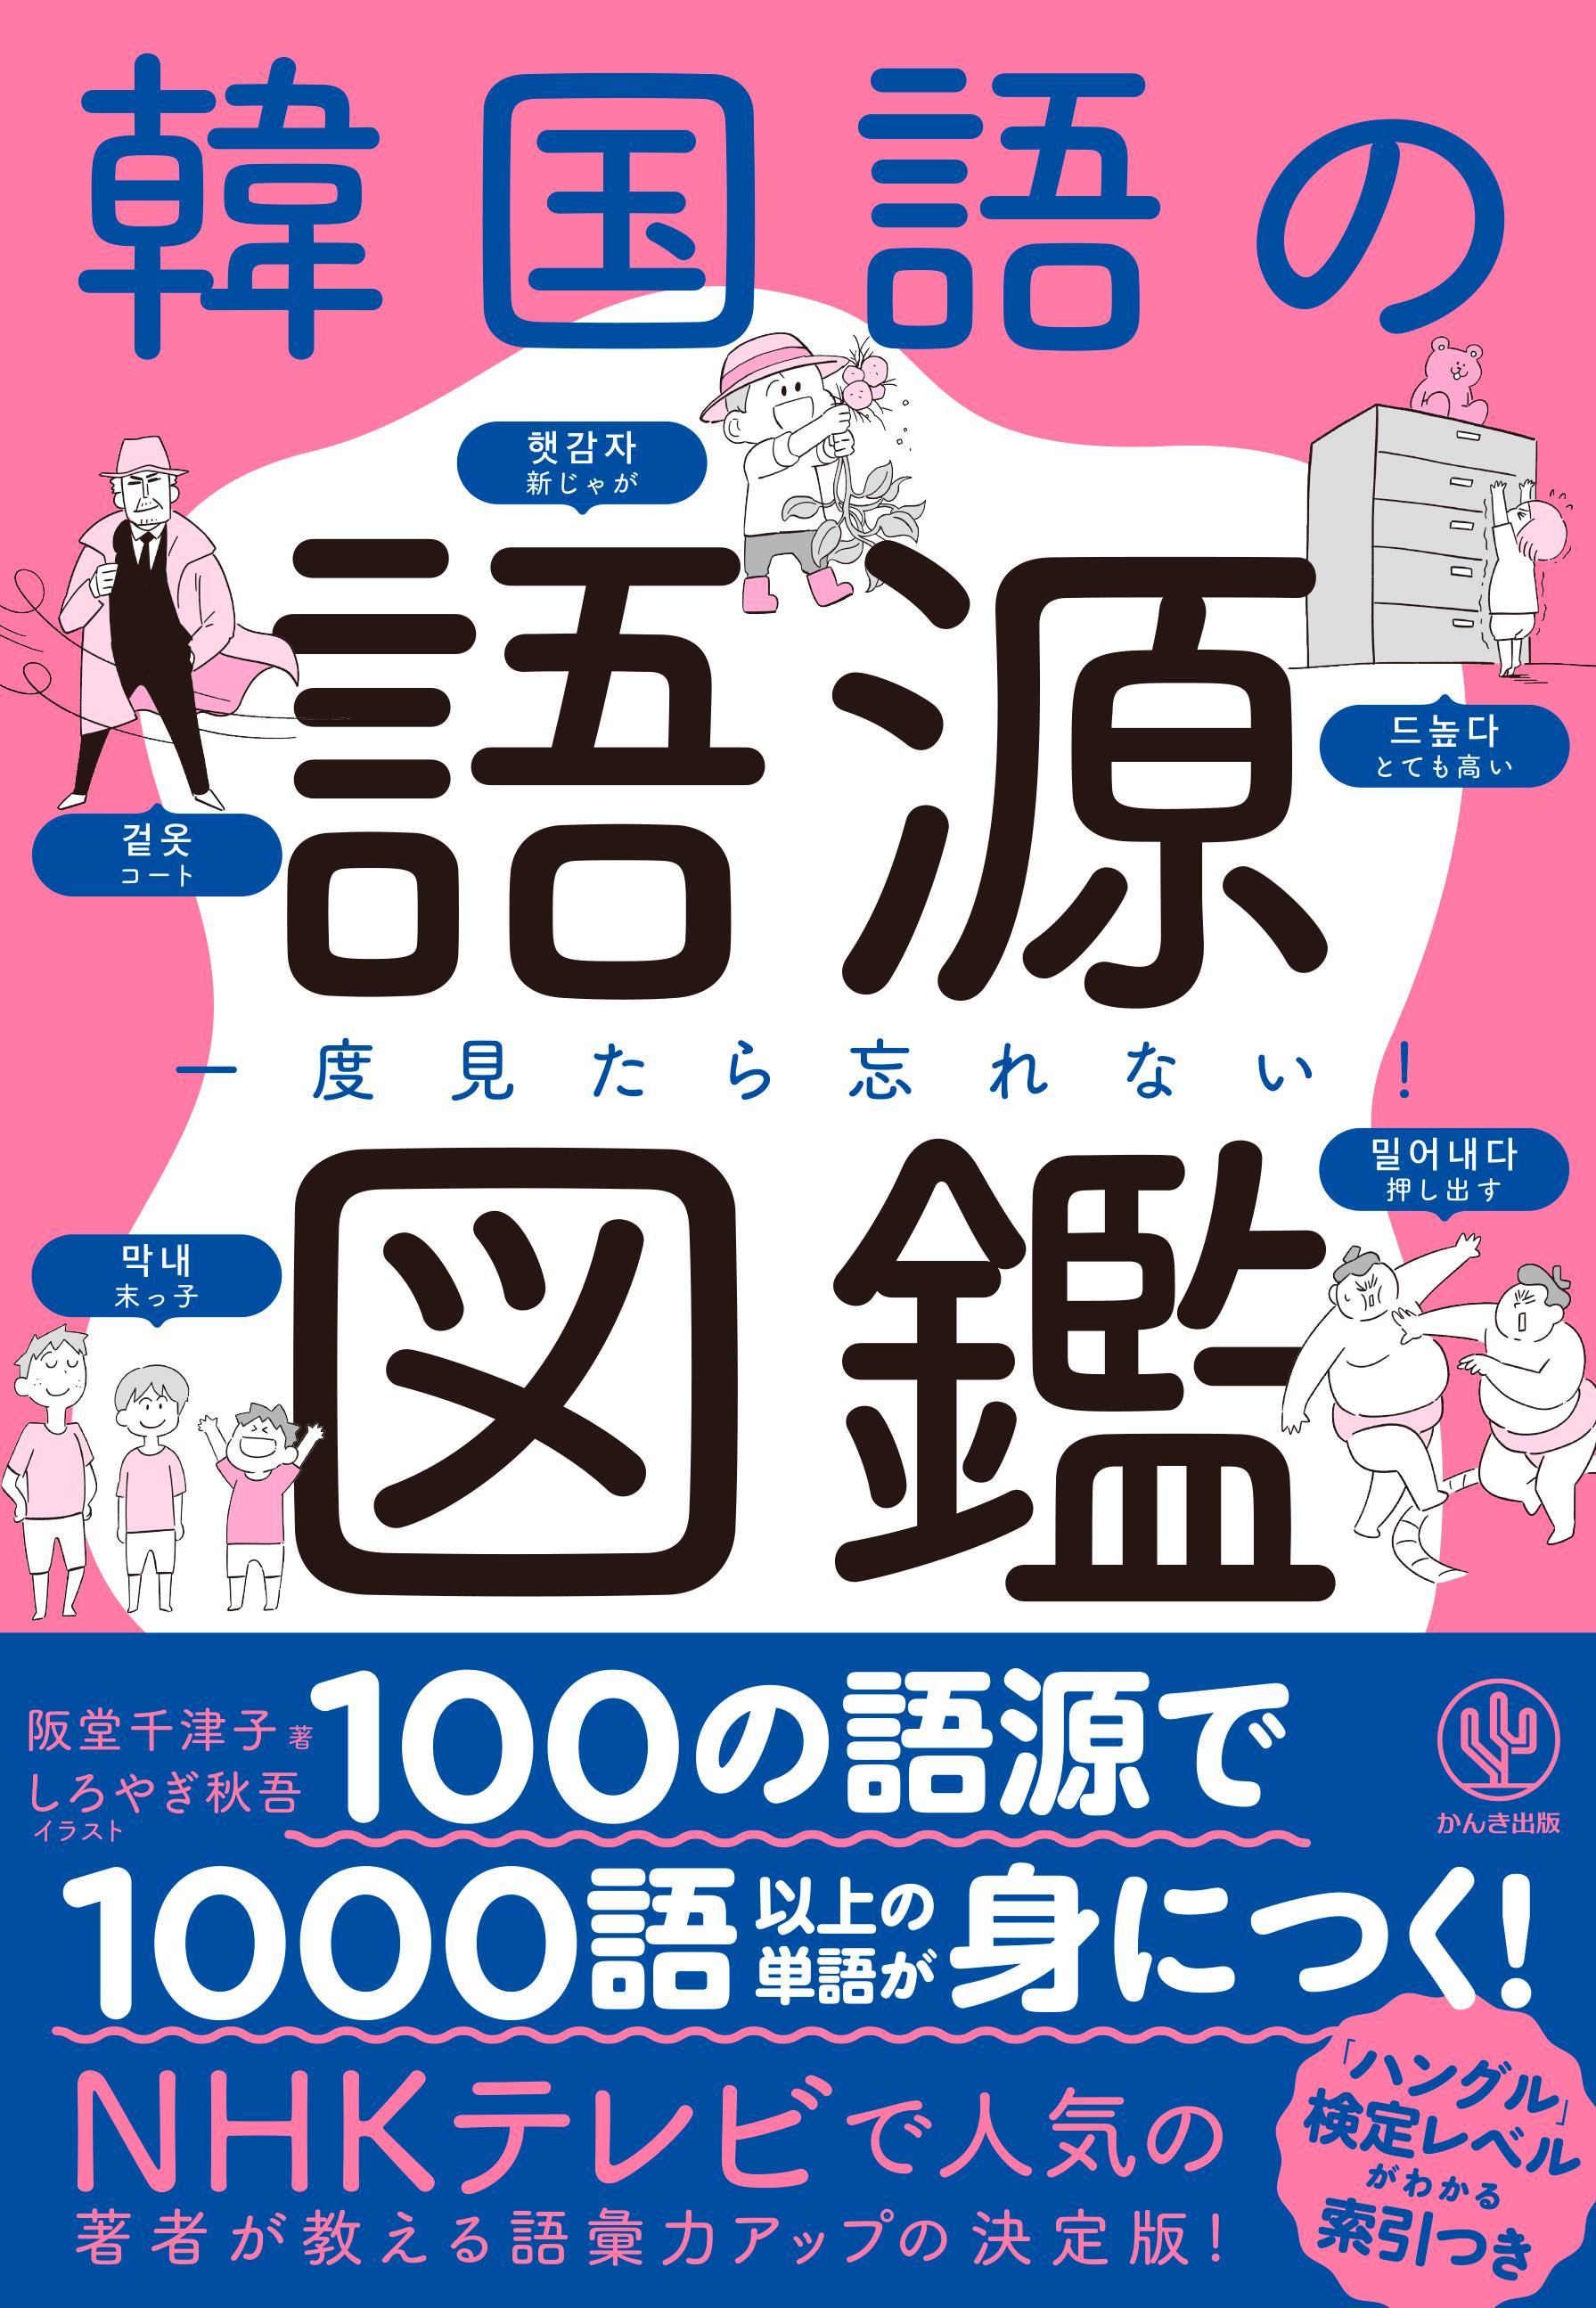 から 日本 語 語 韓国 日本語と韓国語には似ている言葉が多い。その理由は?